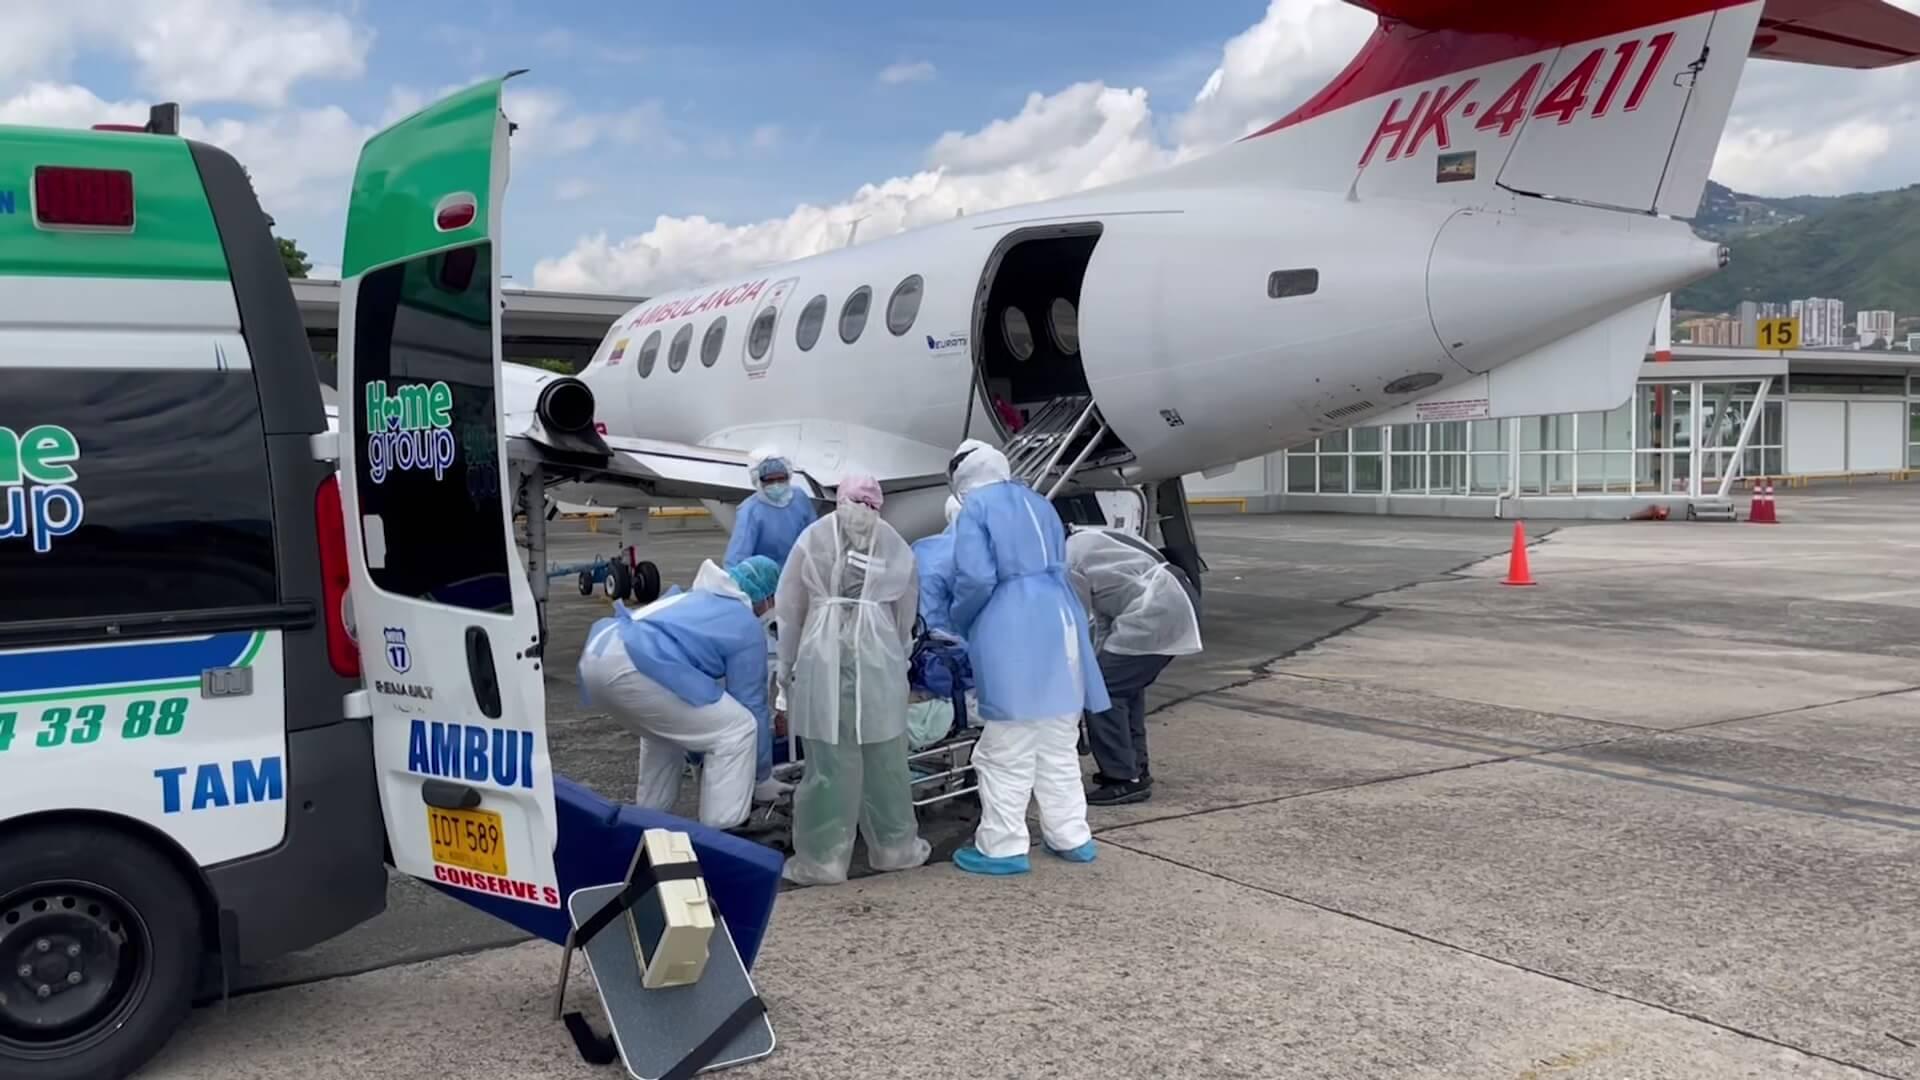 Servicios de ambulancias aéreas aumentaron en un 400 %